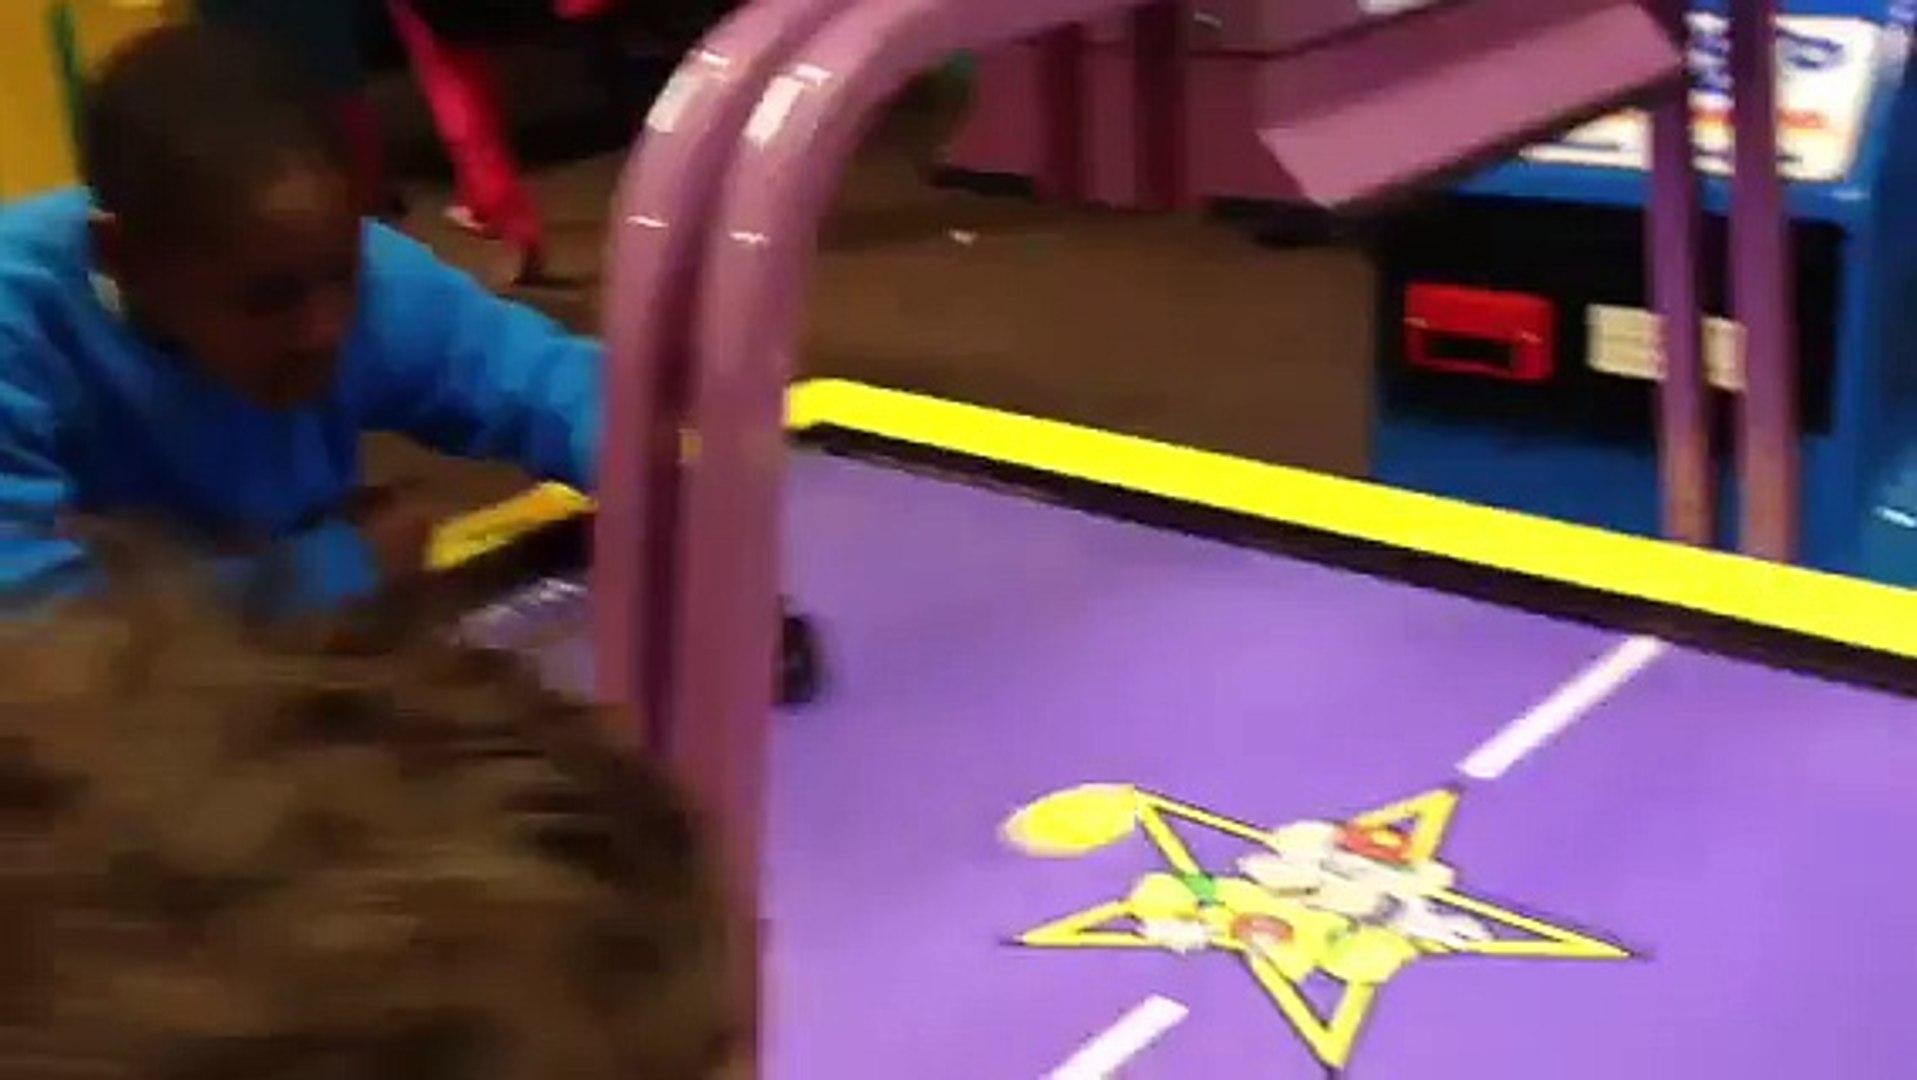 Air hockey game kids playing